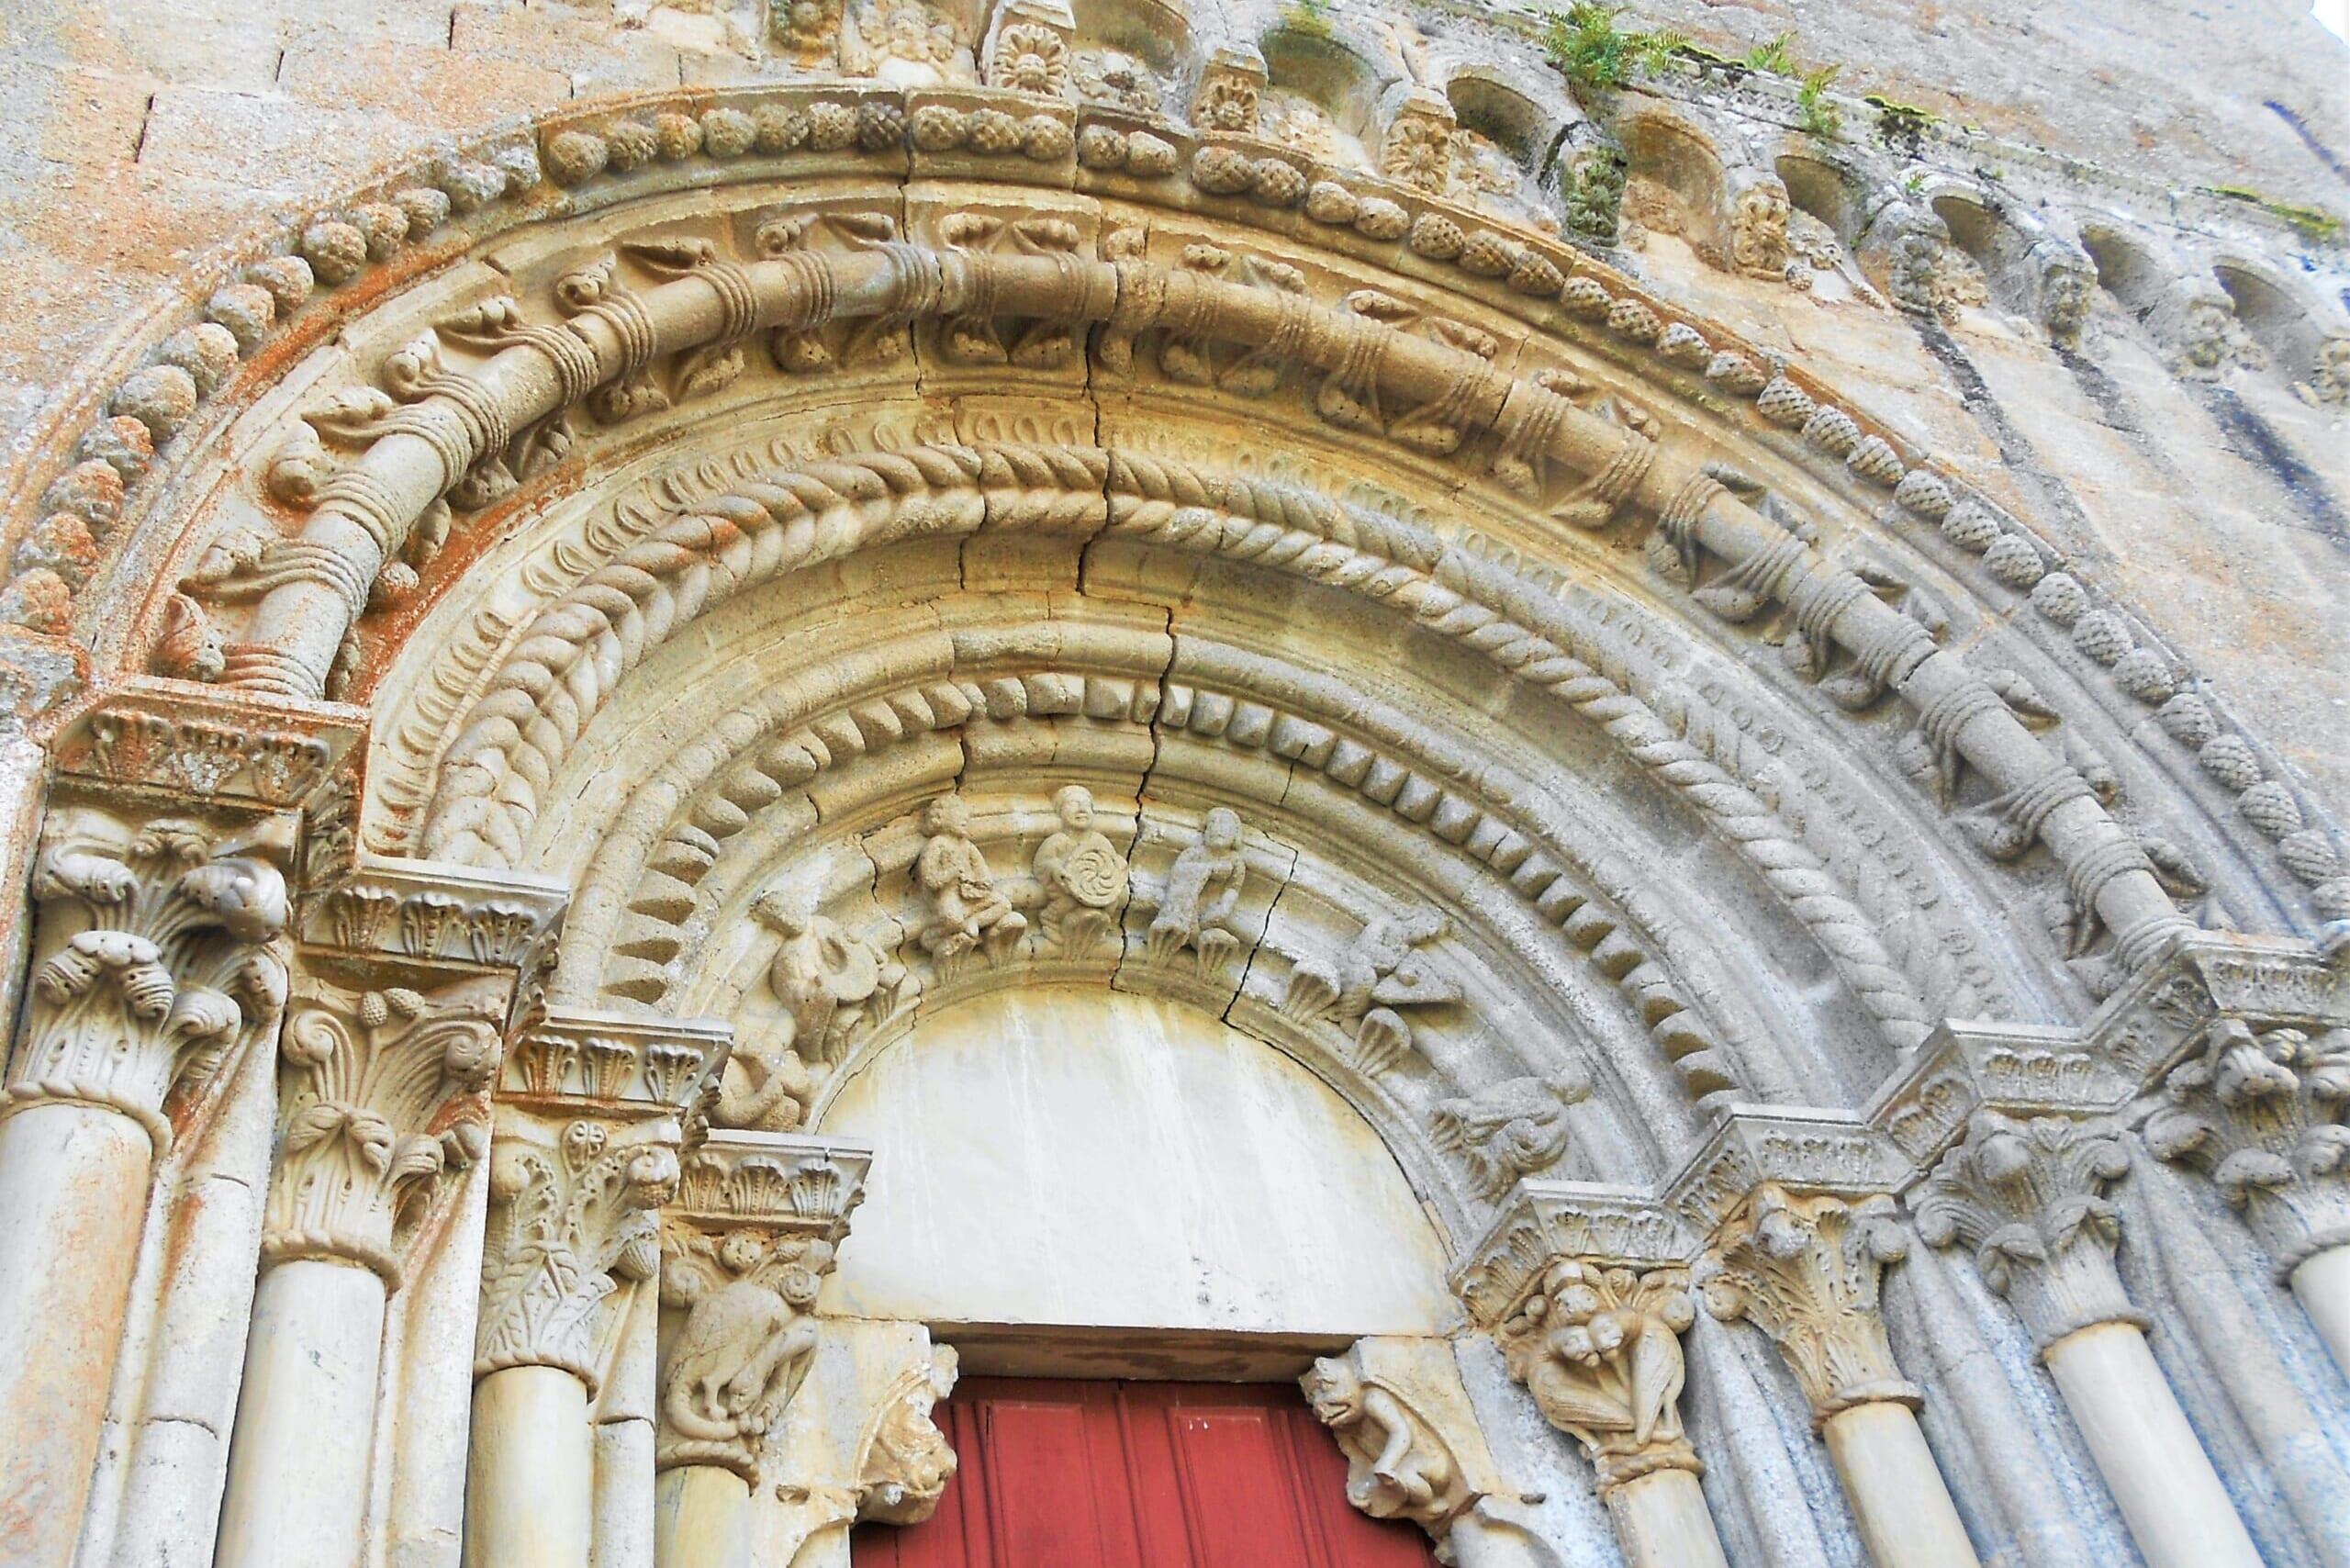 北スペインの観光スポットであるガリシアのリベイラ・サクラのロマネスク建築